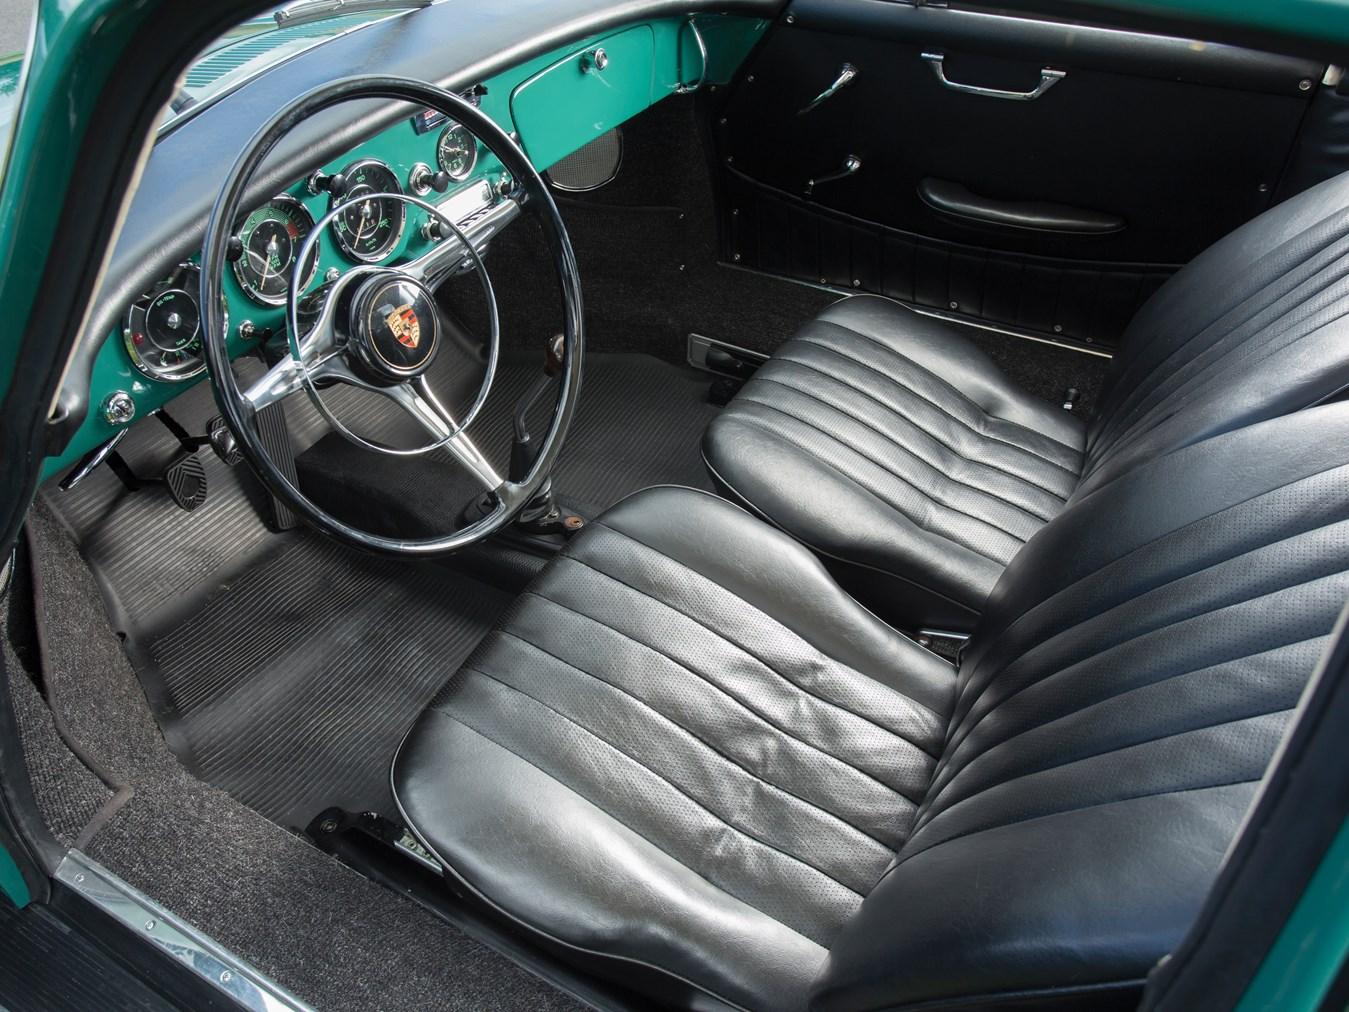 1962 Porsche 356 Carrera 2 Coupé by Reutter